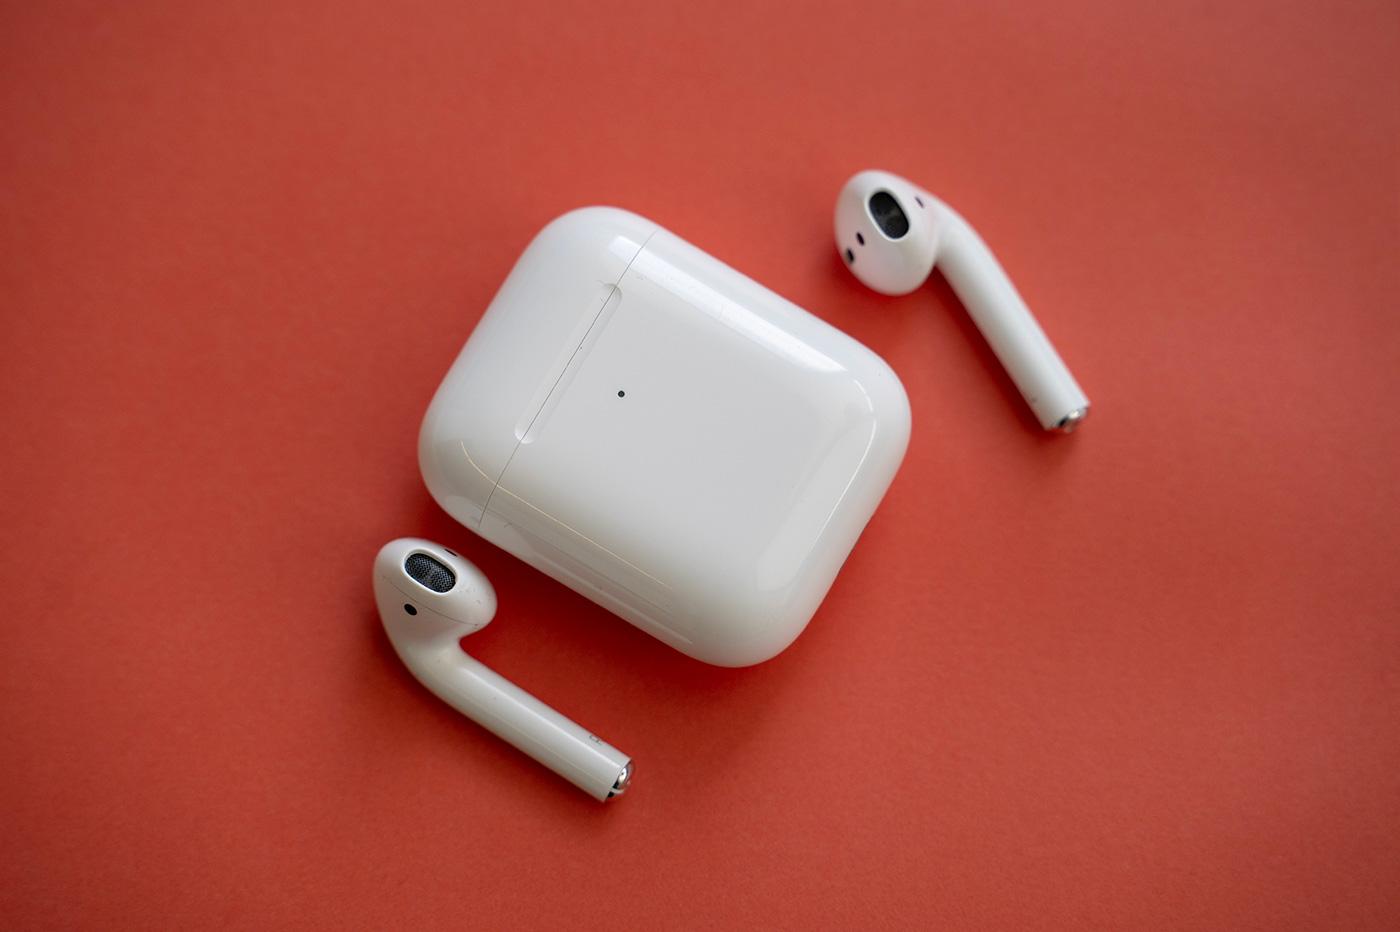 Apple dévoilera-t-il des nouveaux AirPods avec réduction de bruit en 2020?